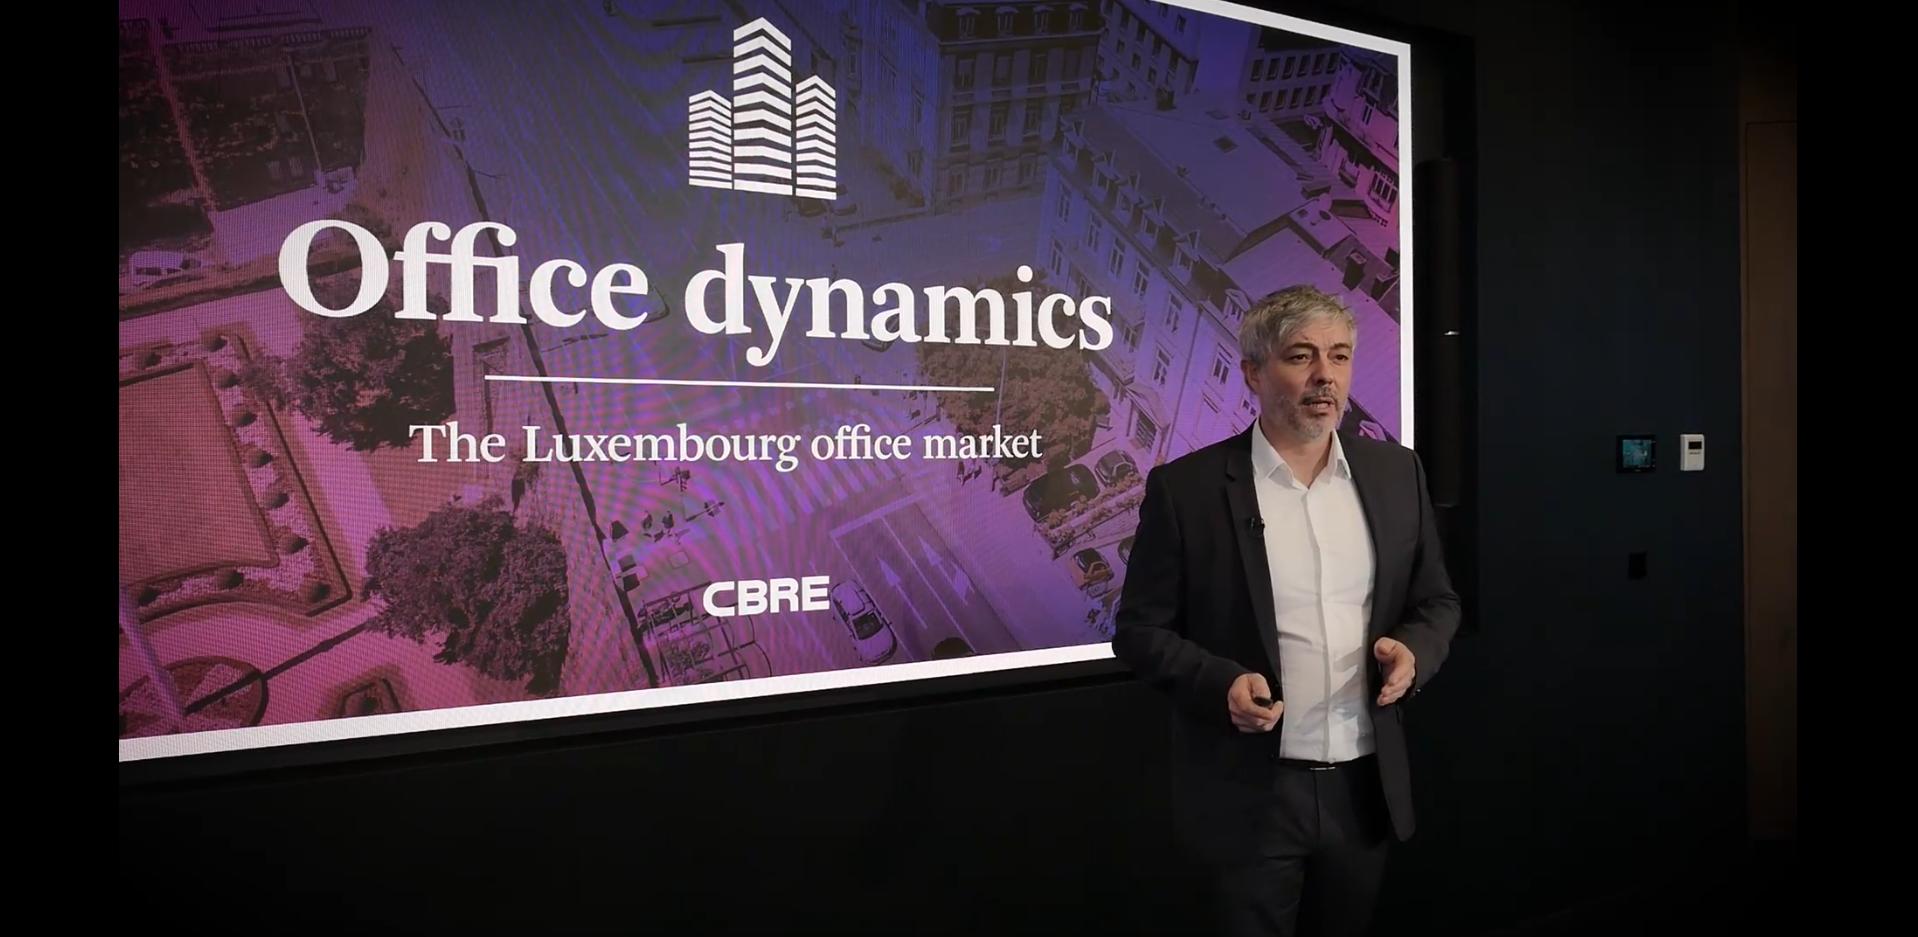 William Moulin parle du marché luxembourgeois des bureaux devant sa présentation affichée sur un grand écran LED lors du webinaire Outlook 2021.